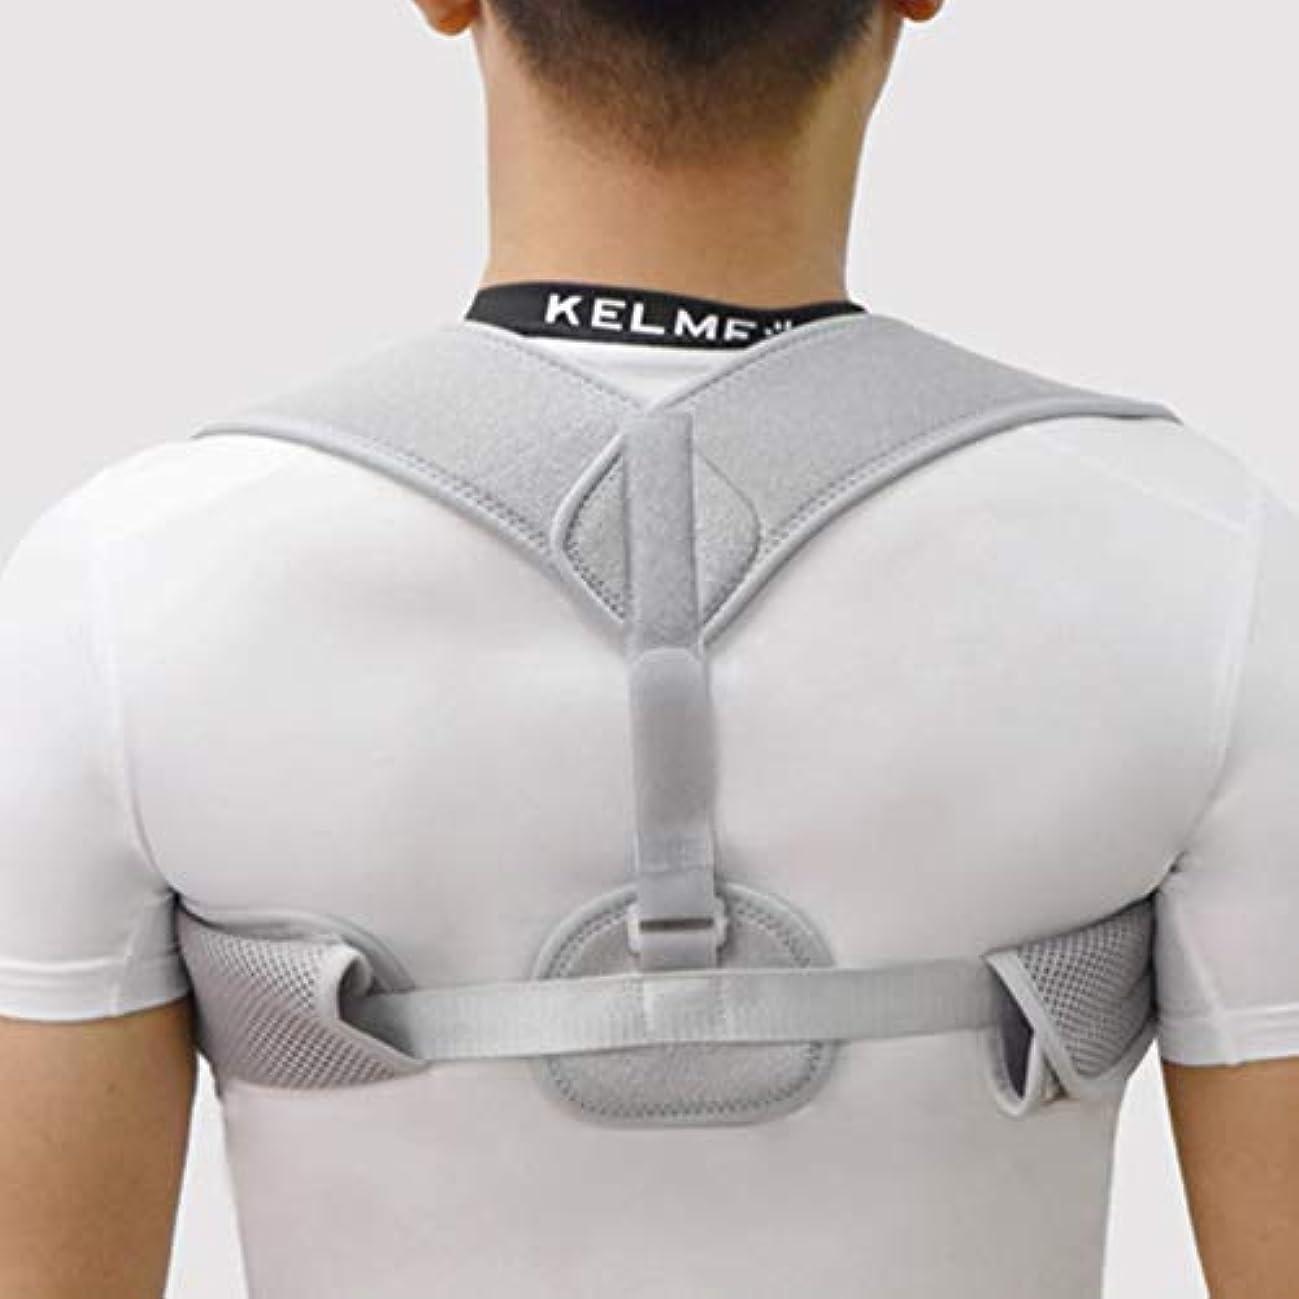 いつでも文明化足首新しいアッパーバックポスチャーコレクター姿勢鎖骨サポートコレクターバックストレート肩ブレースストラップコレクター耐久性 - グレー